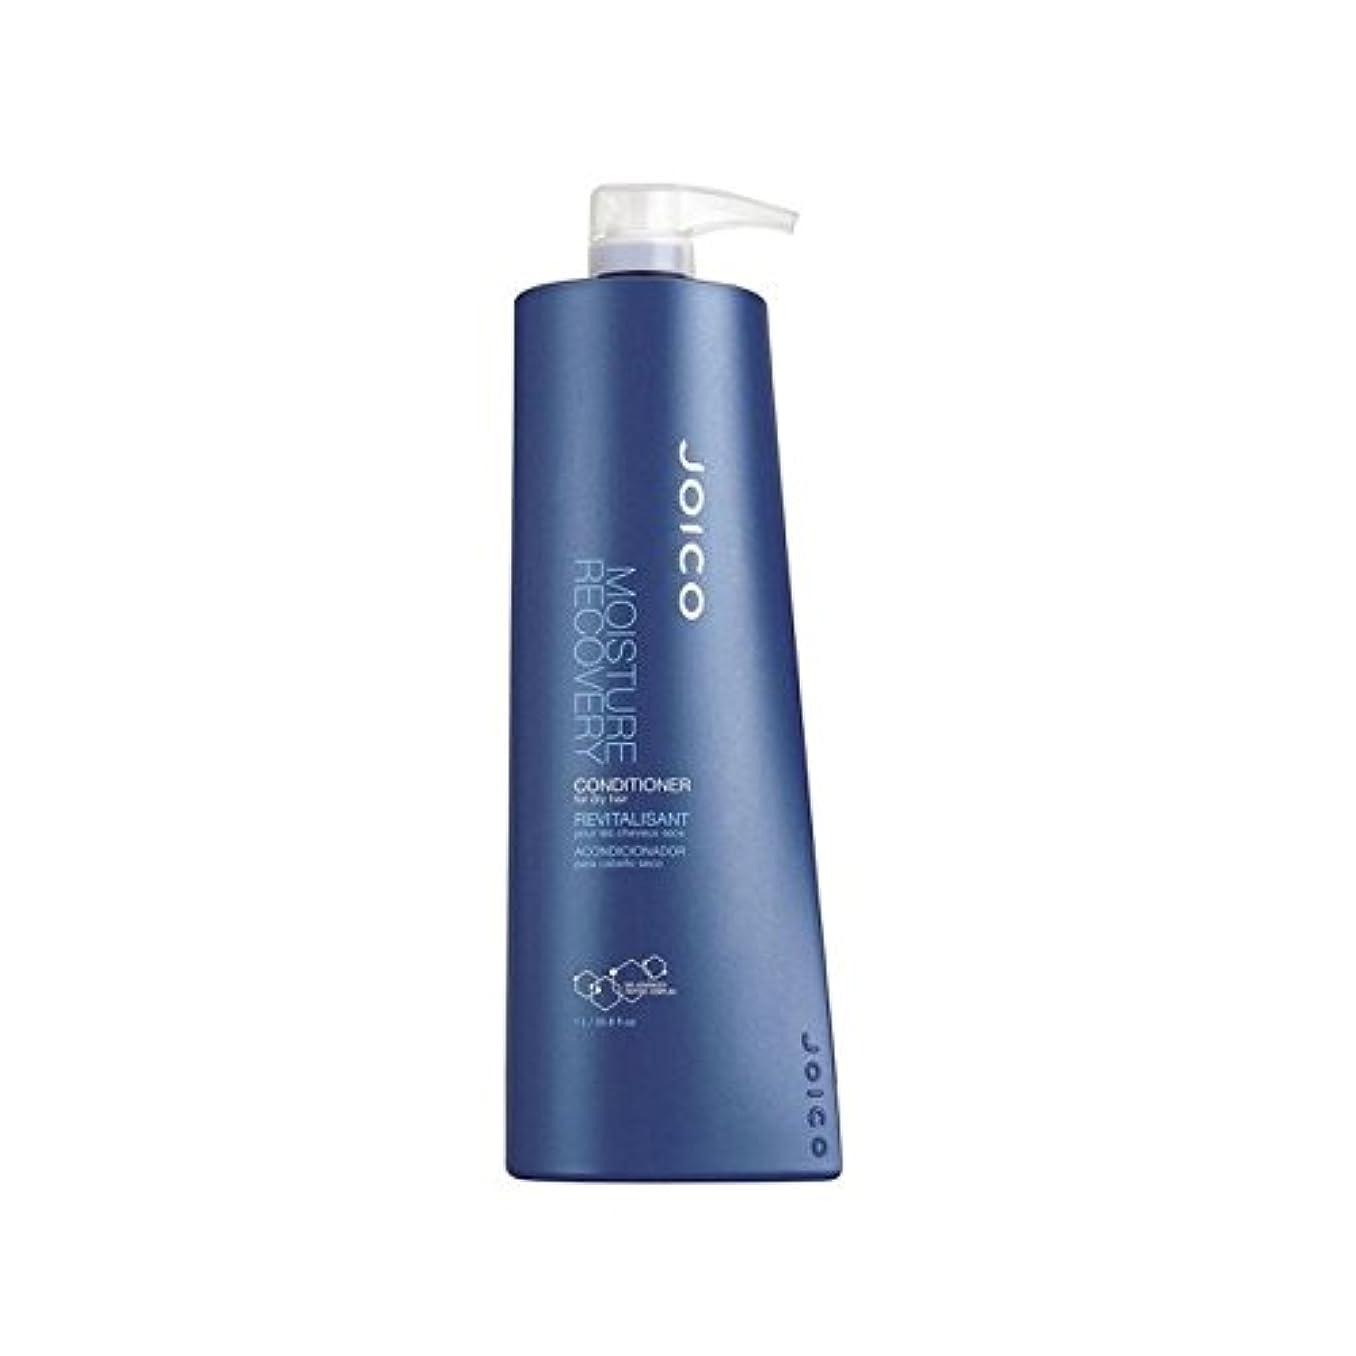 緯度崩壊口Joico Moisture Recovery Conditioner For Dry Hair (1000ml) - 乾いた髪用ジョイコ水分回復コンディショナー(千ミリリットル) [並行輸入品]